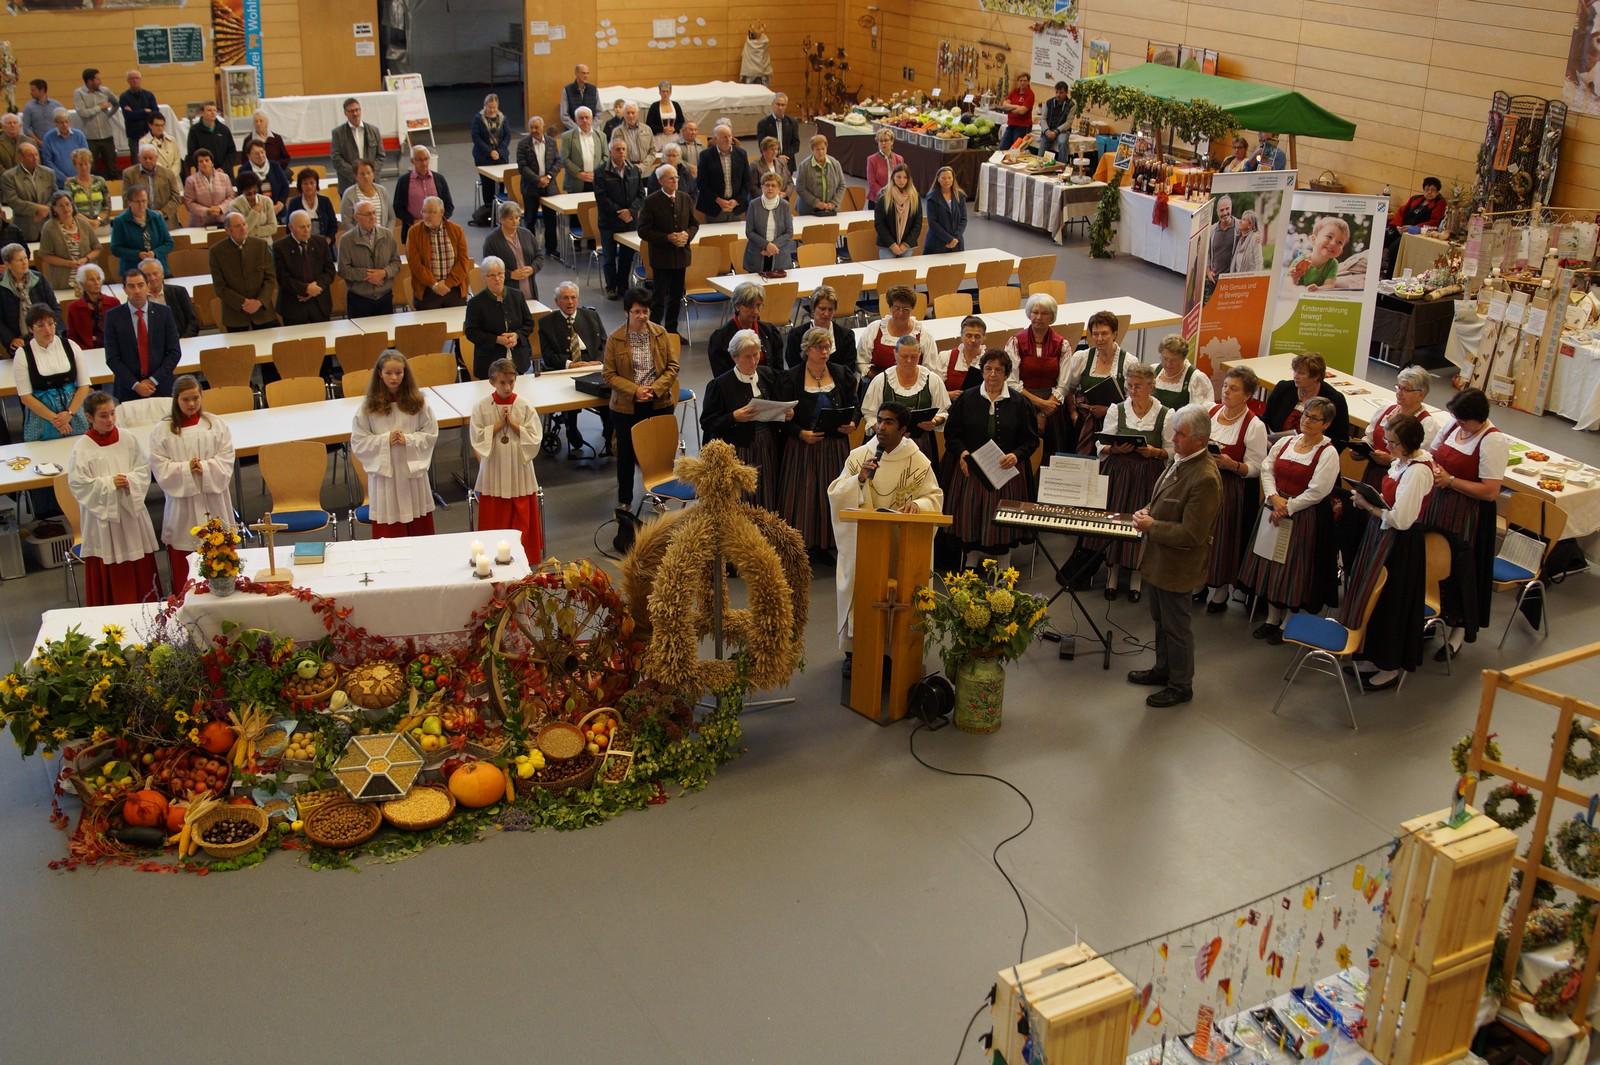 20181014-Bauernmarkt Erntedank DSC03462